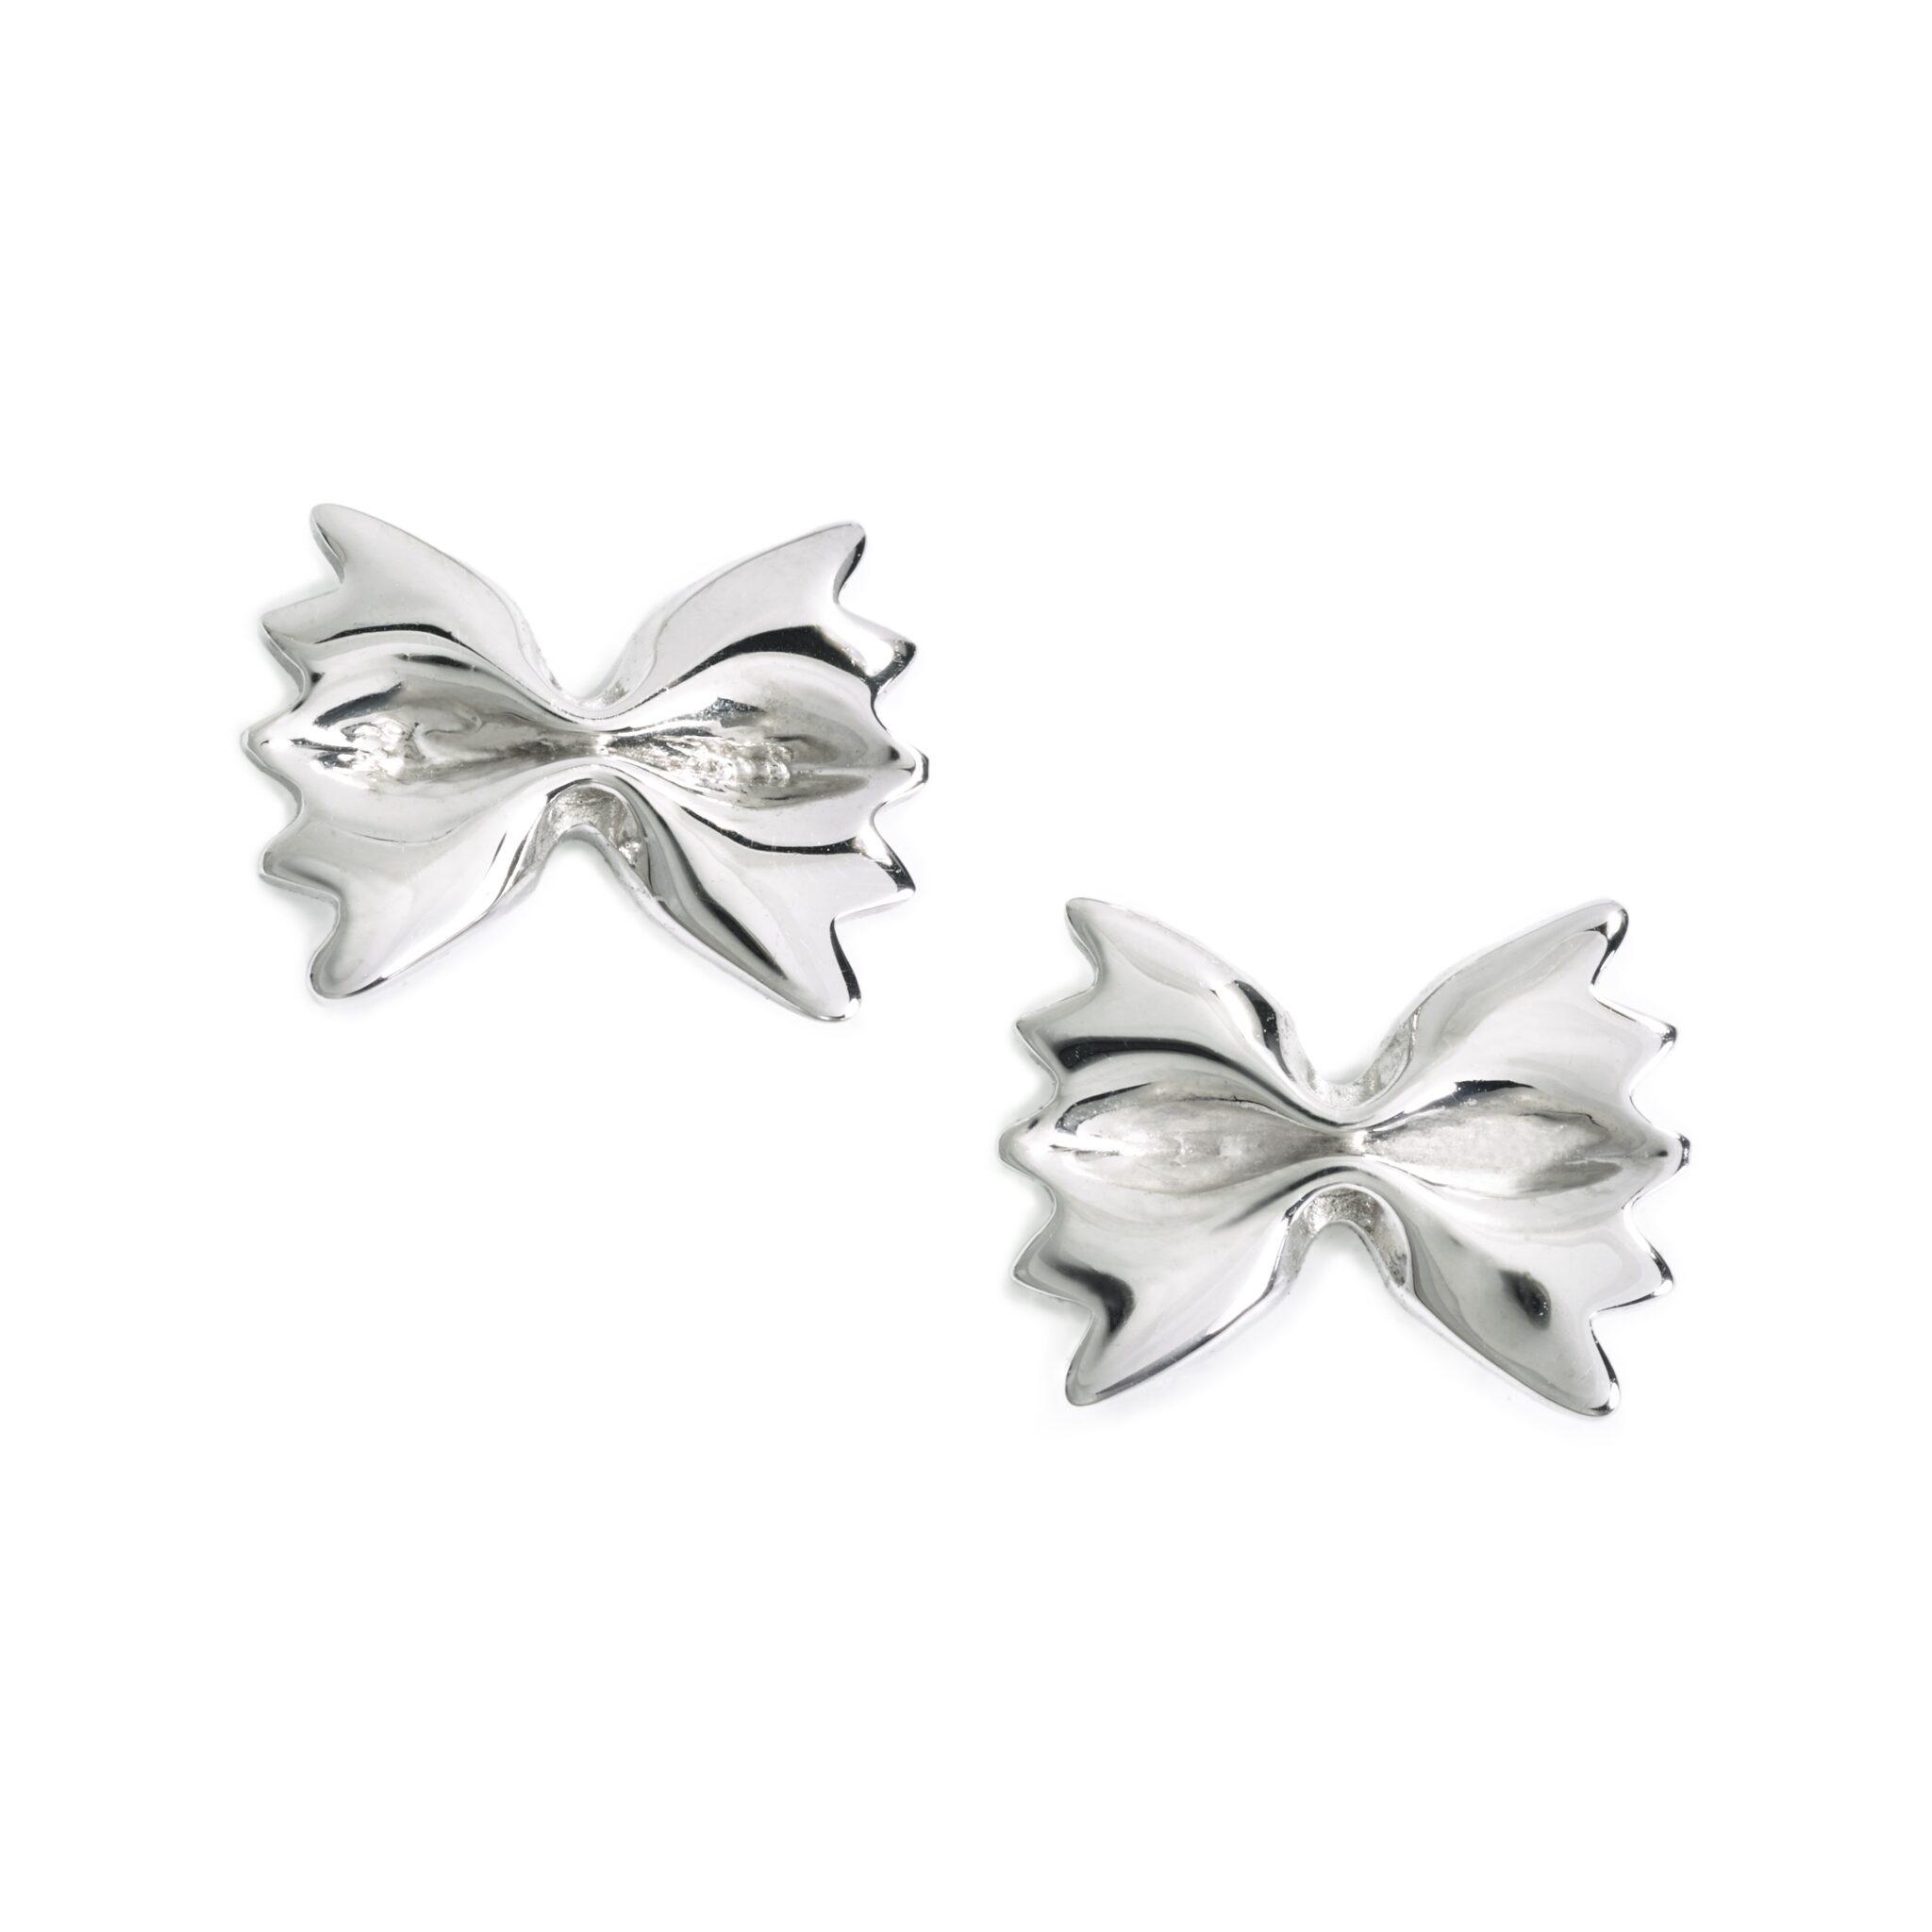 Farfalle Earrings, Sterling Silver